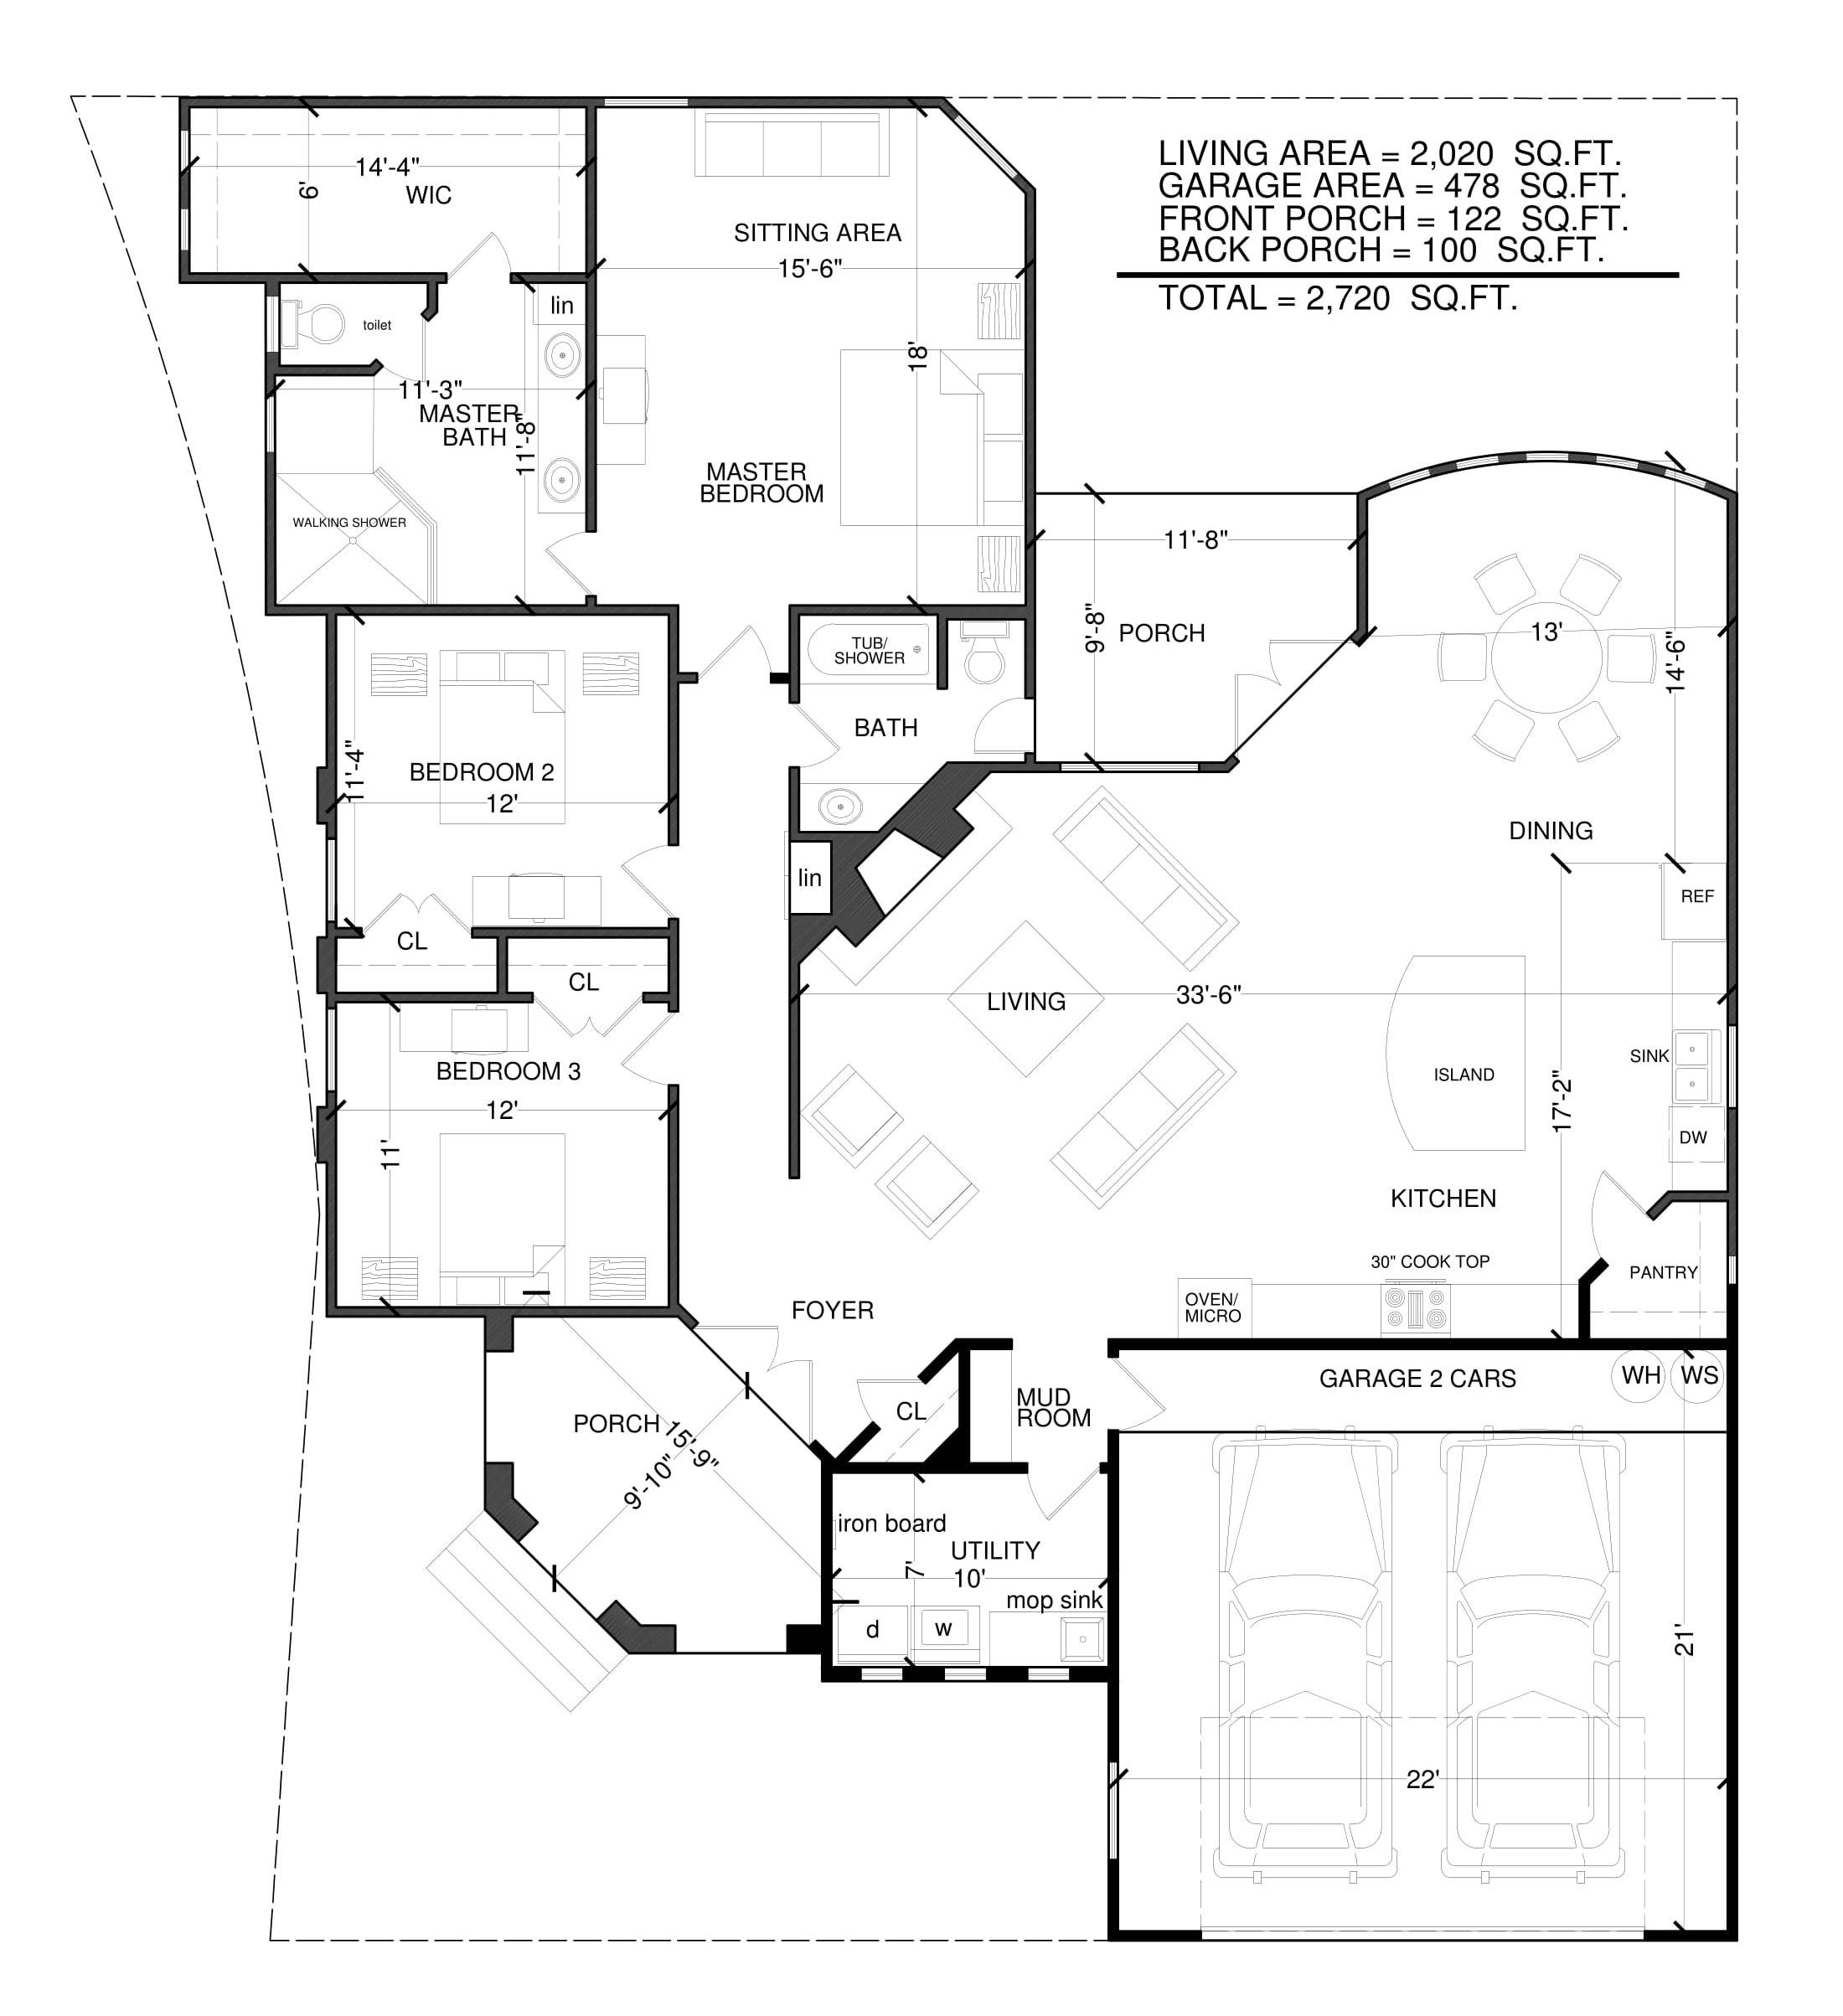 9303 melina meadows floor plan-1.jpg